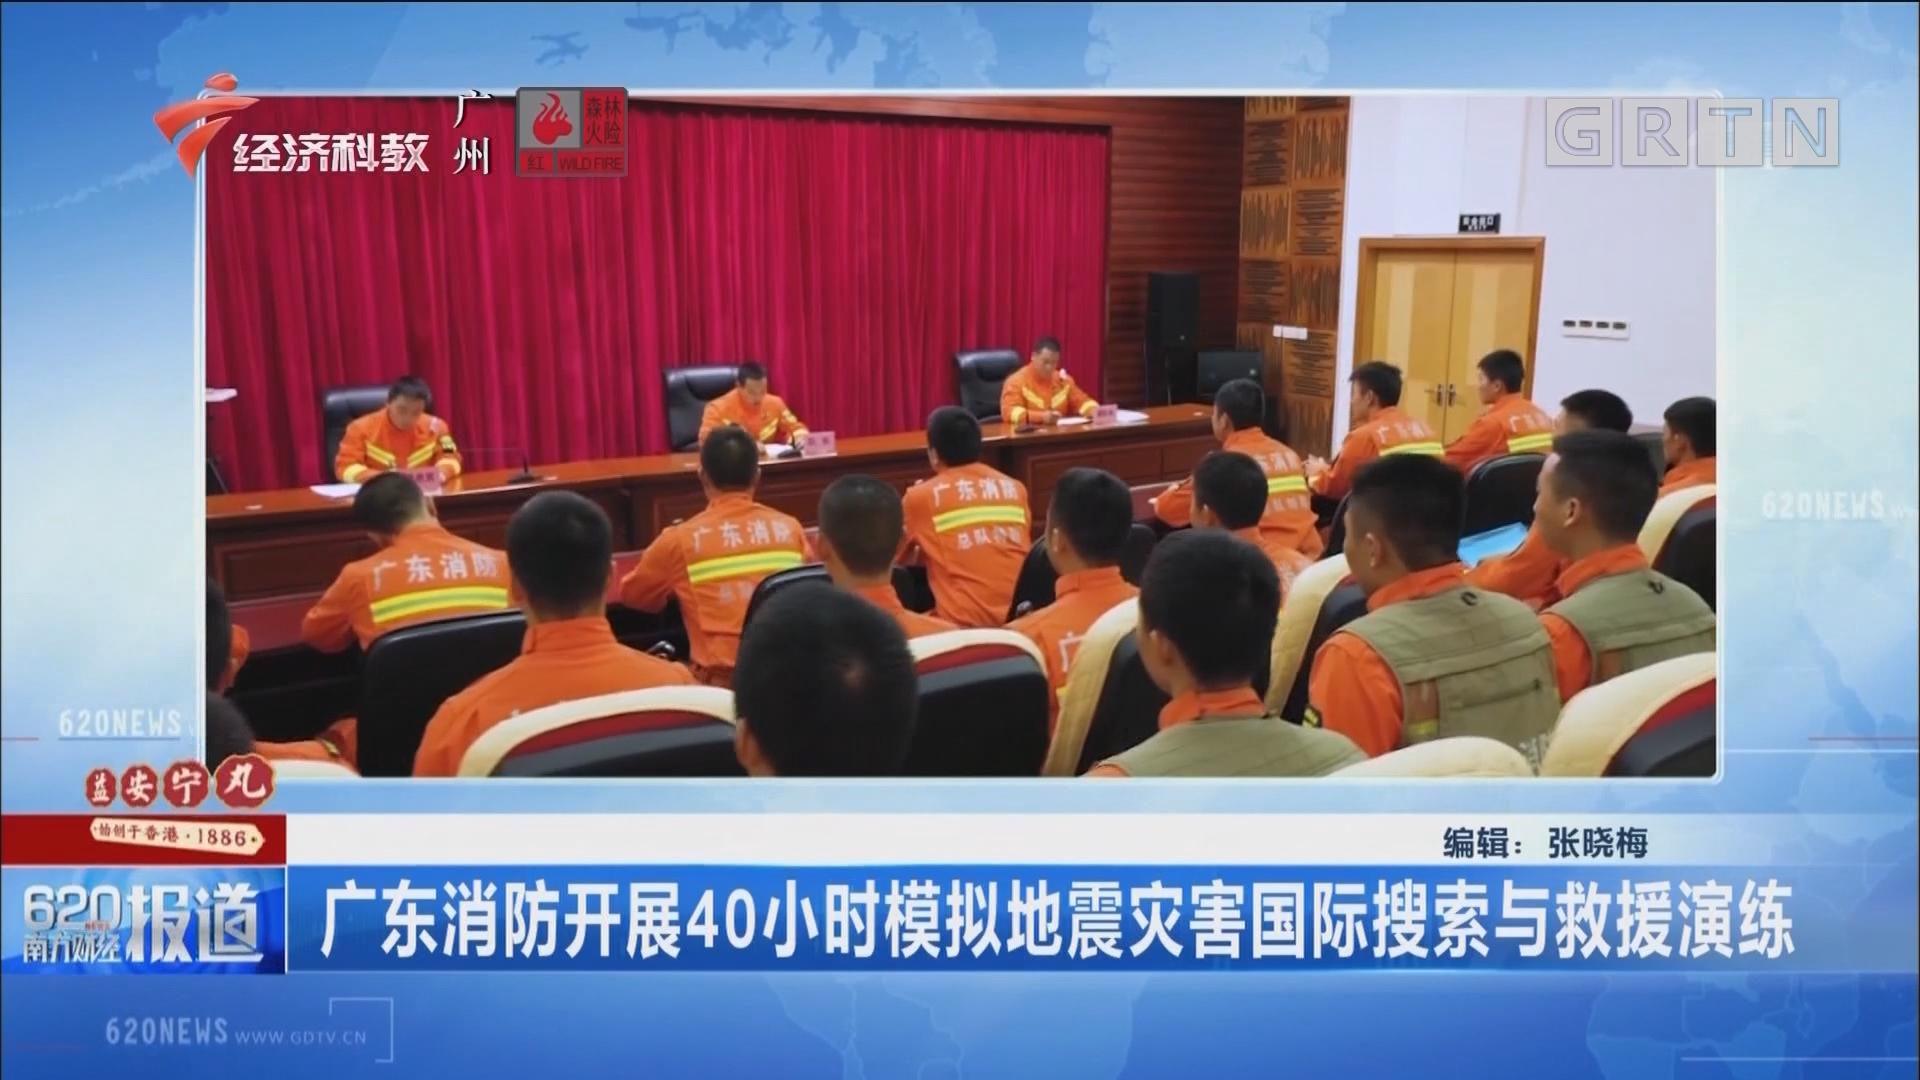 广东消防开展40小时模拟地震灾害国际搜索与救援演练